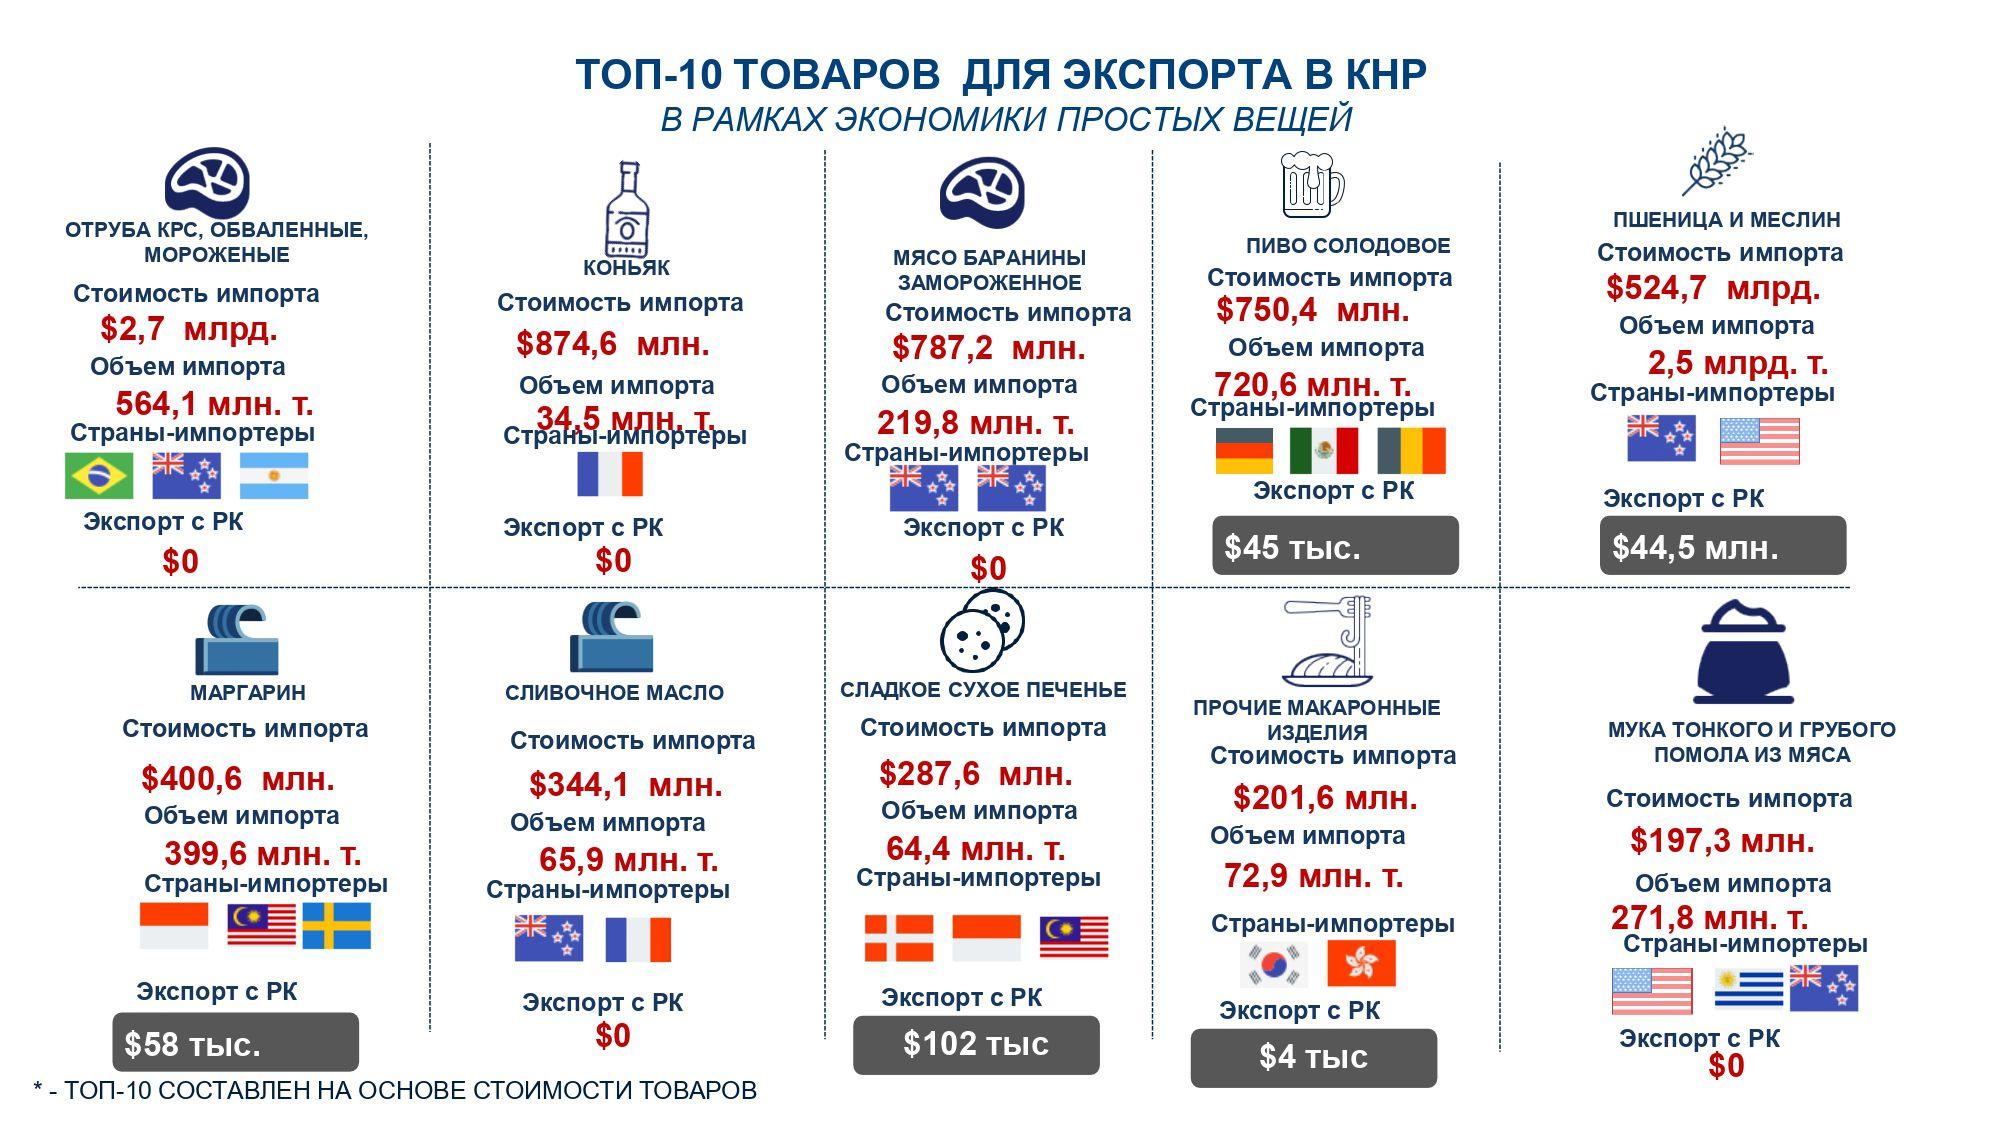 Остались ли в Алматы пустующие ниши для бизнеса? 173131 - Kapital.kz